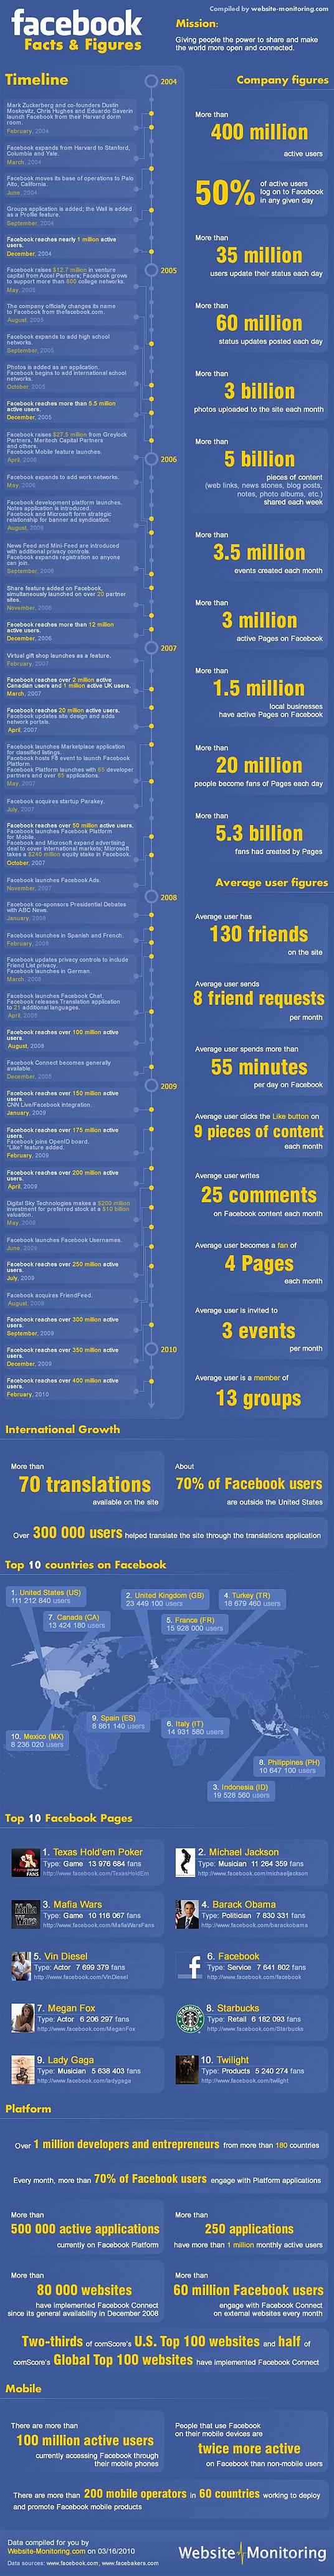 Facebook-Statistics-2010